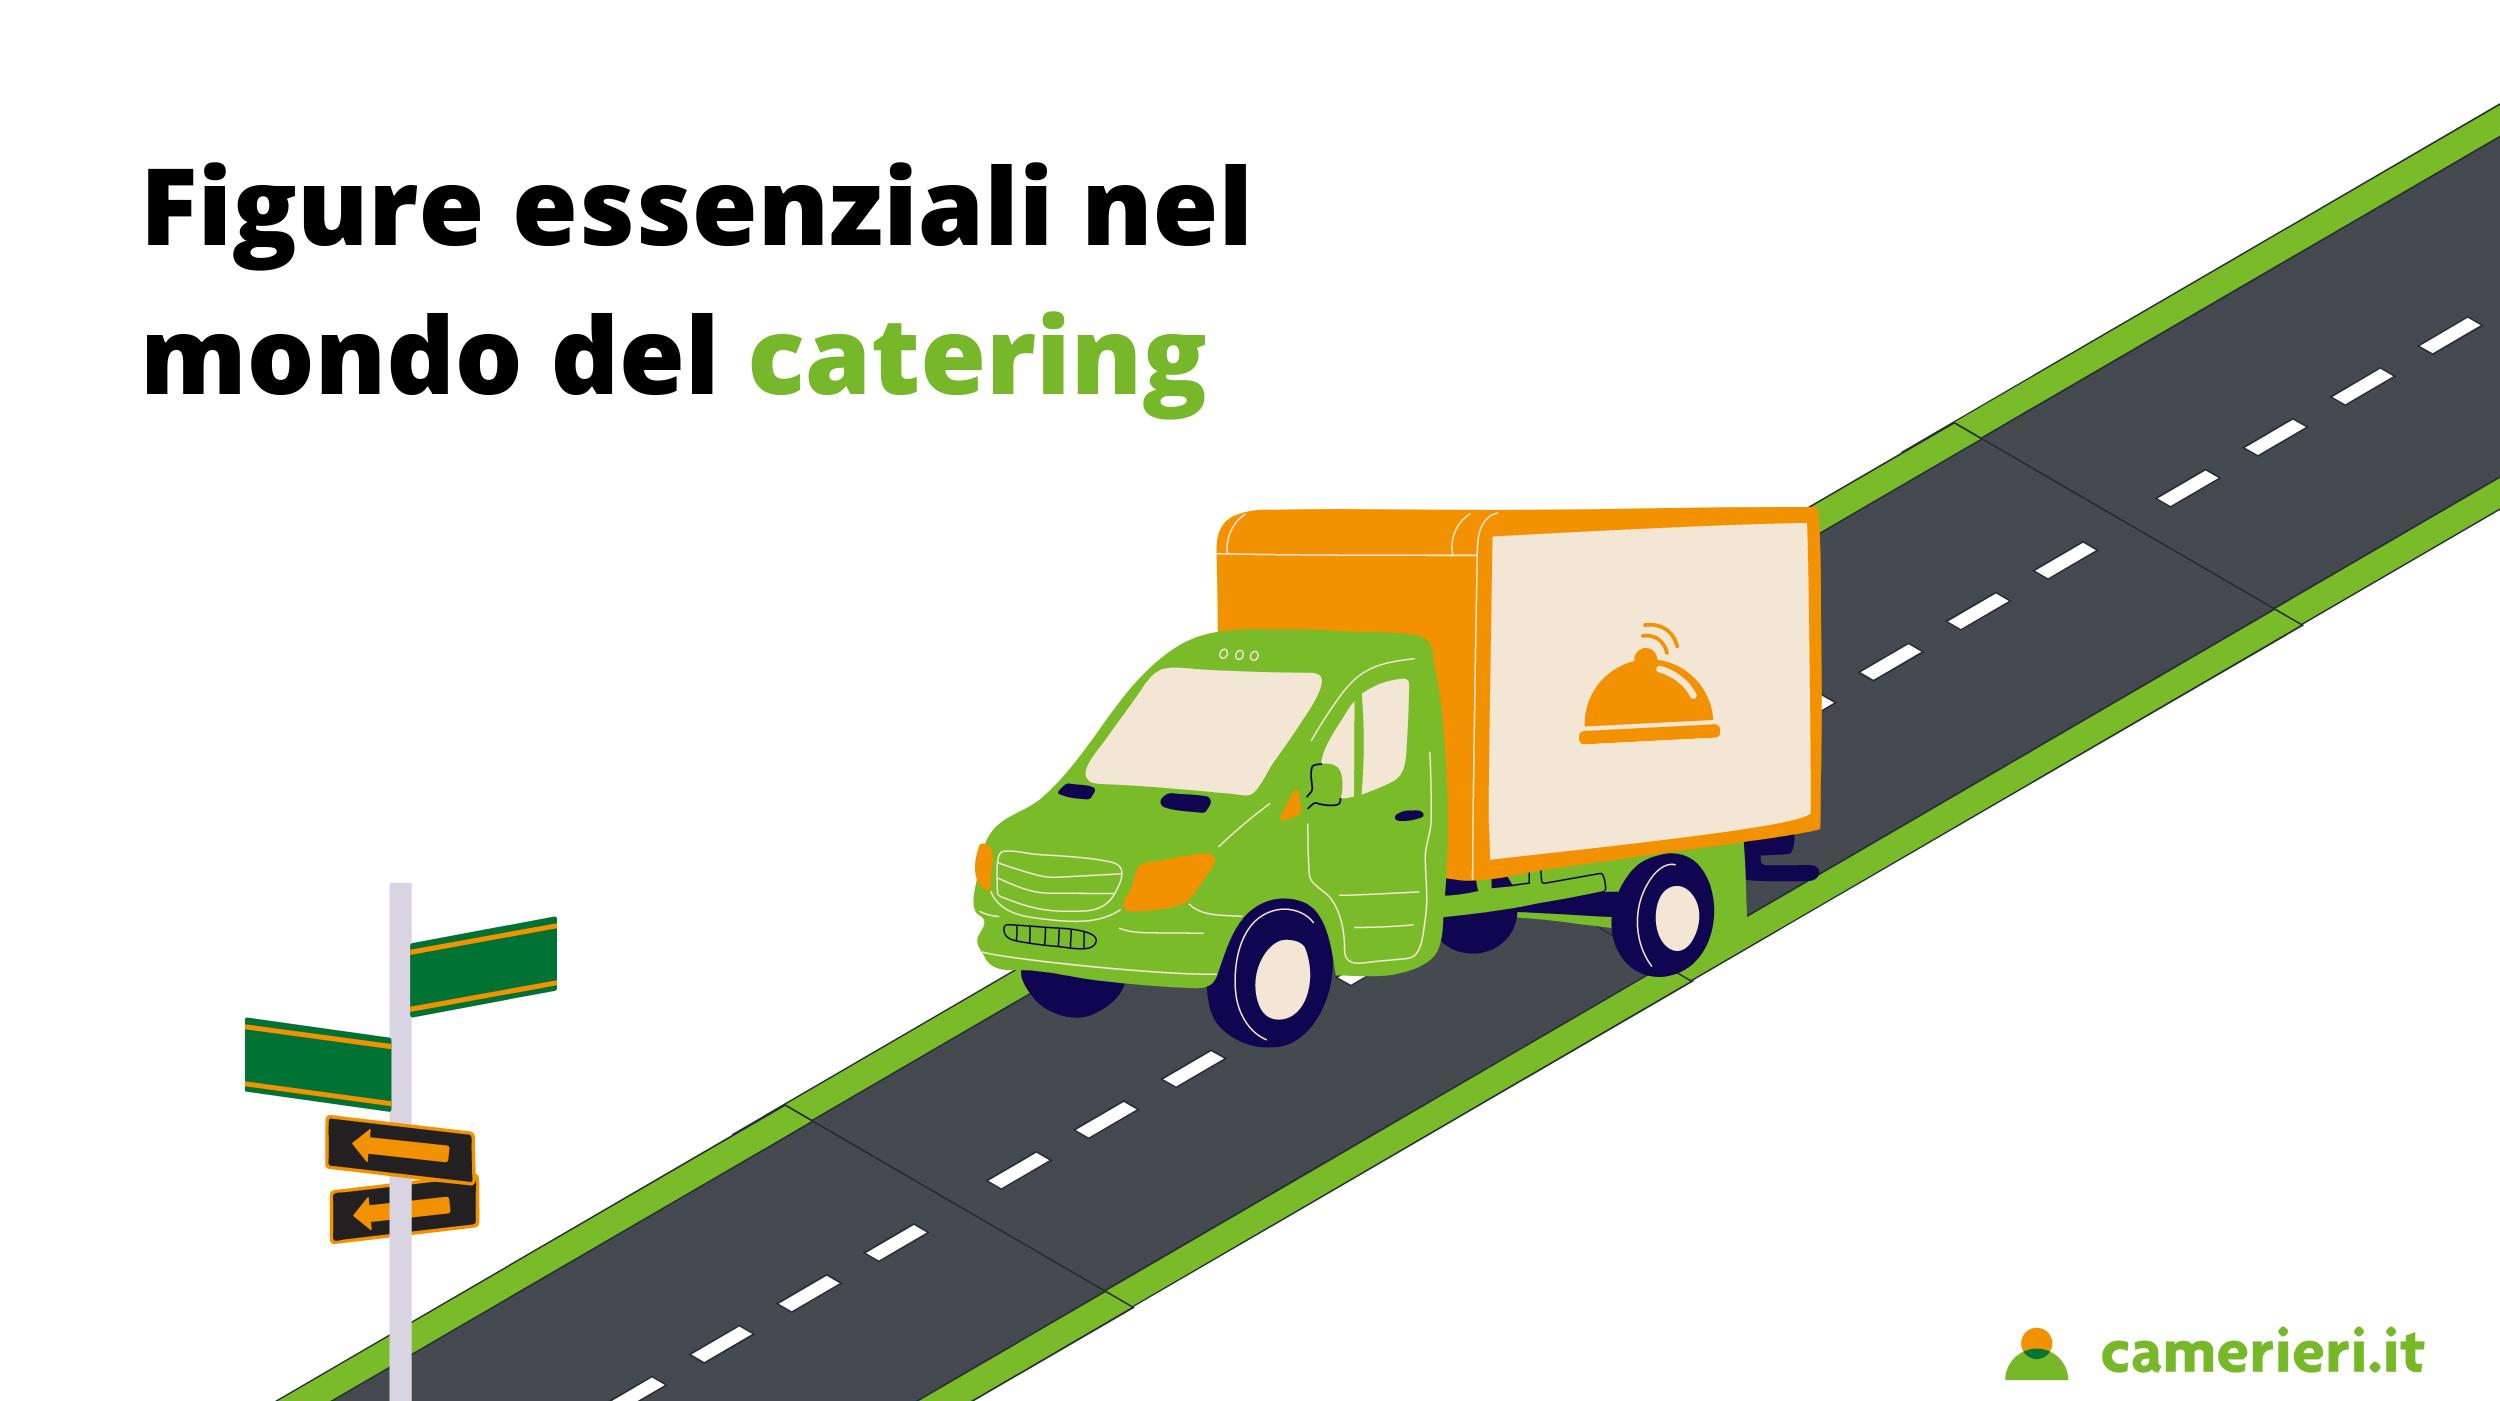 Figure essenziali nel mondo del catering